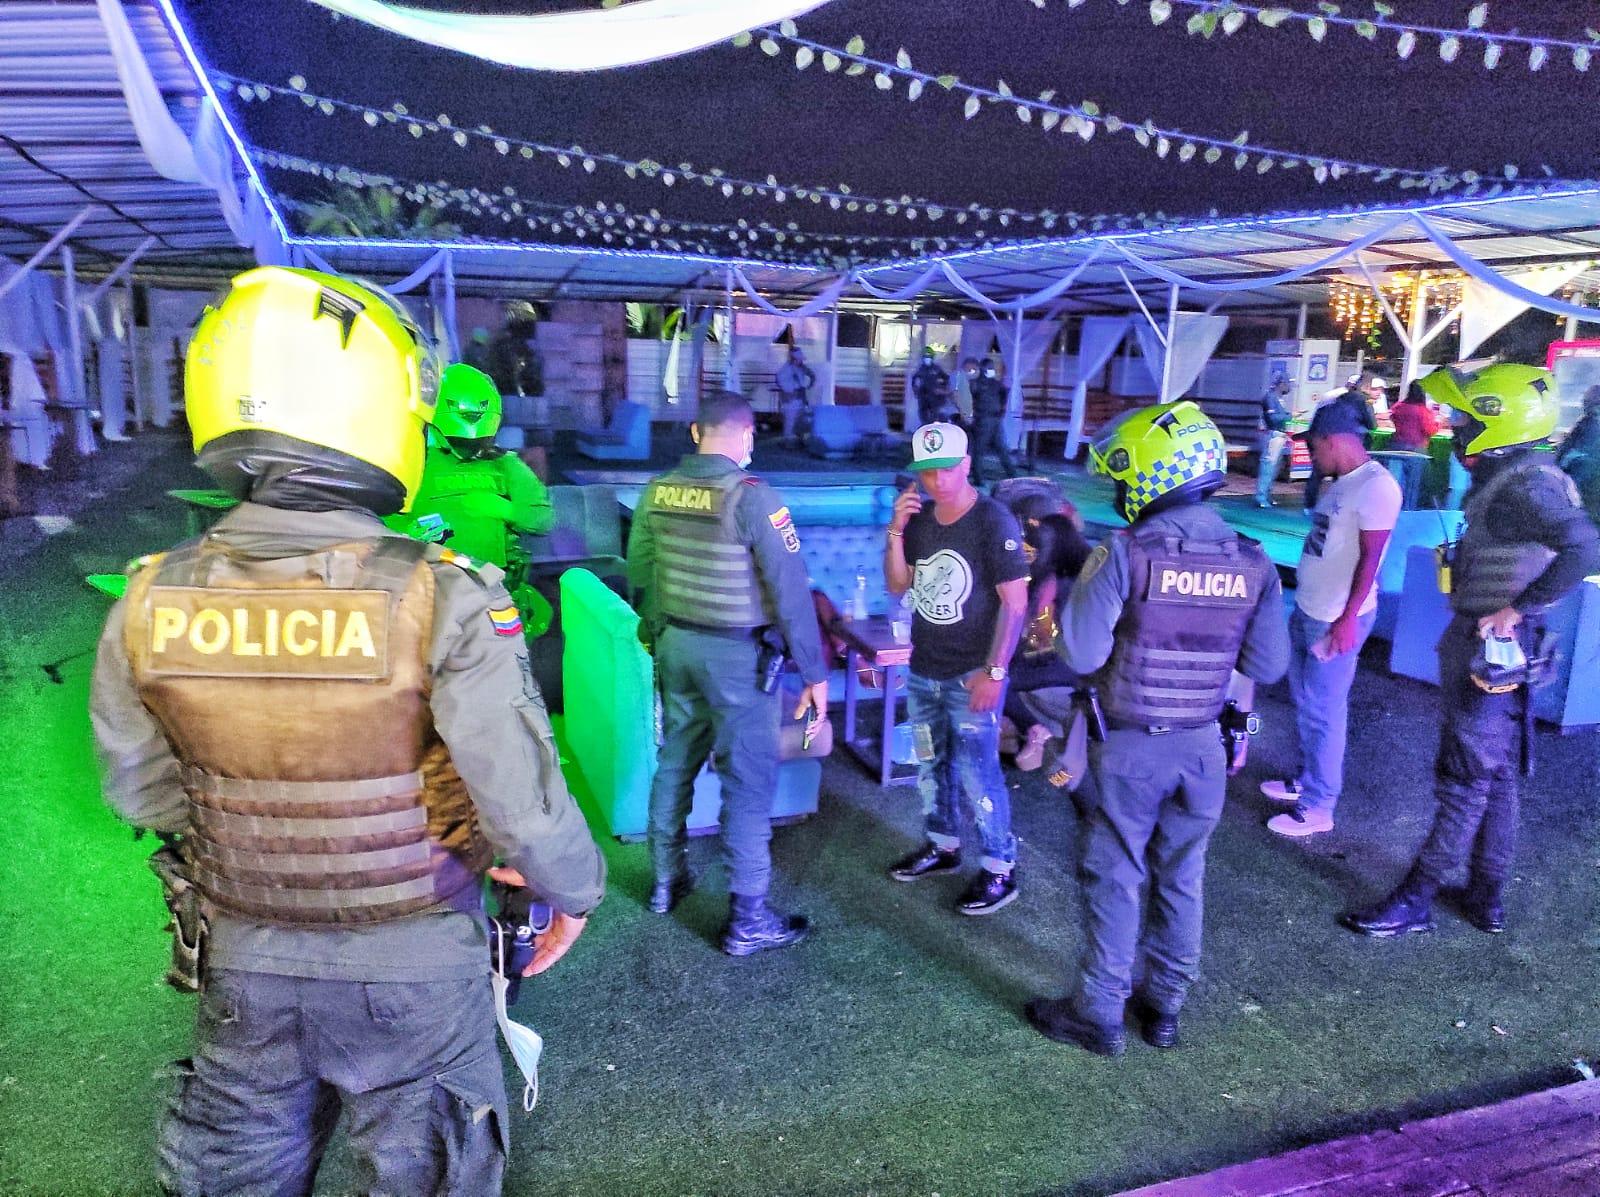 Caravanas de seguridad se toman barrios de Cartagena